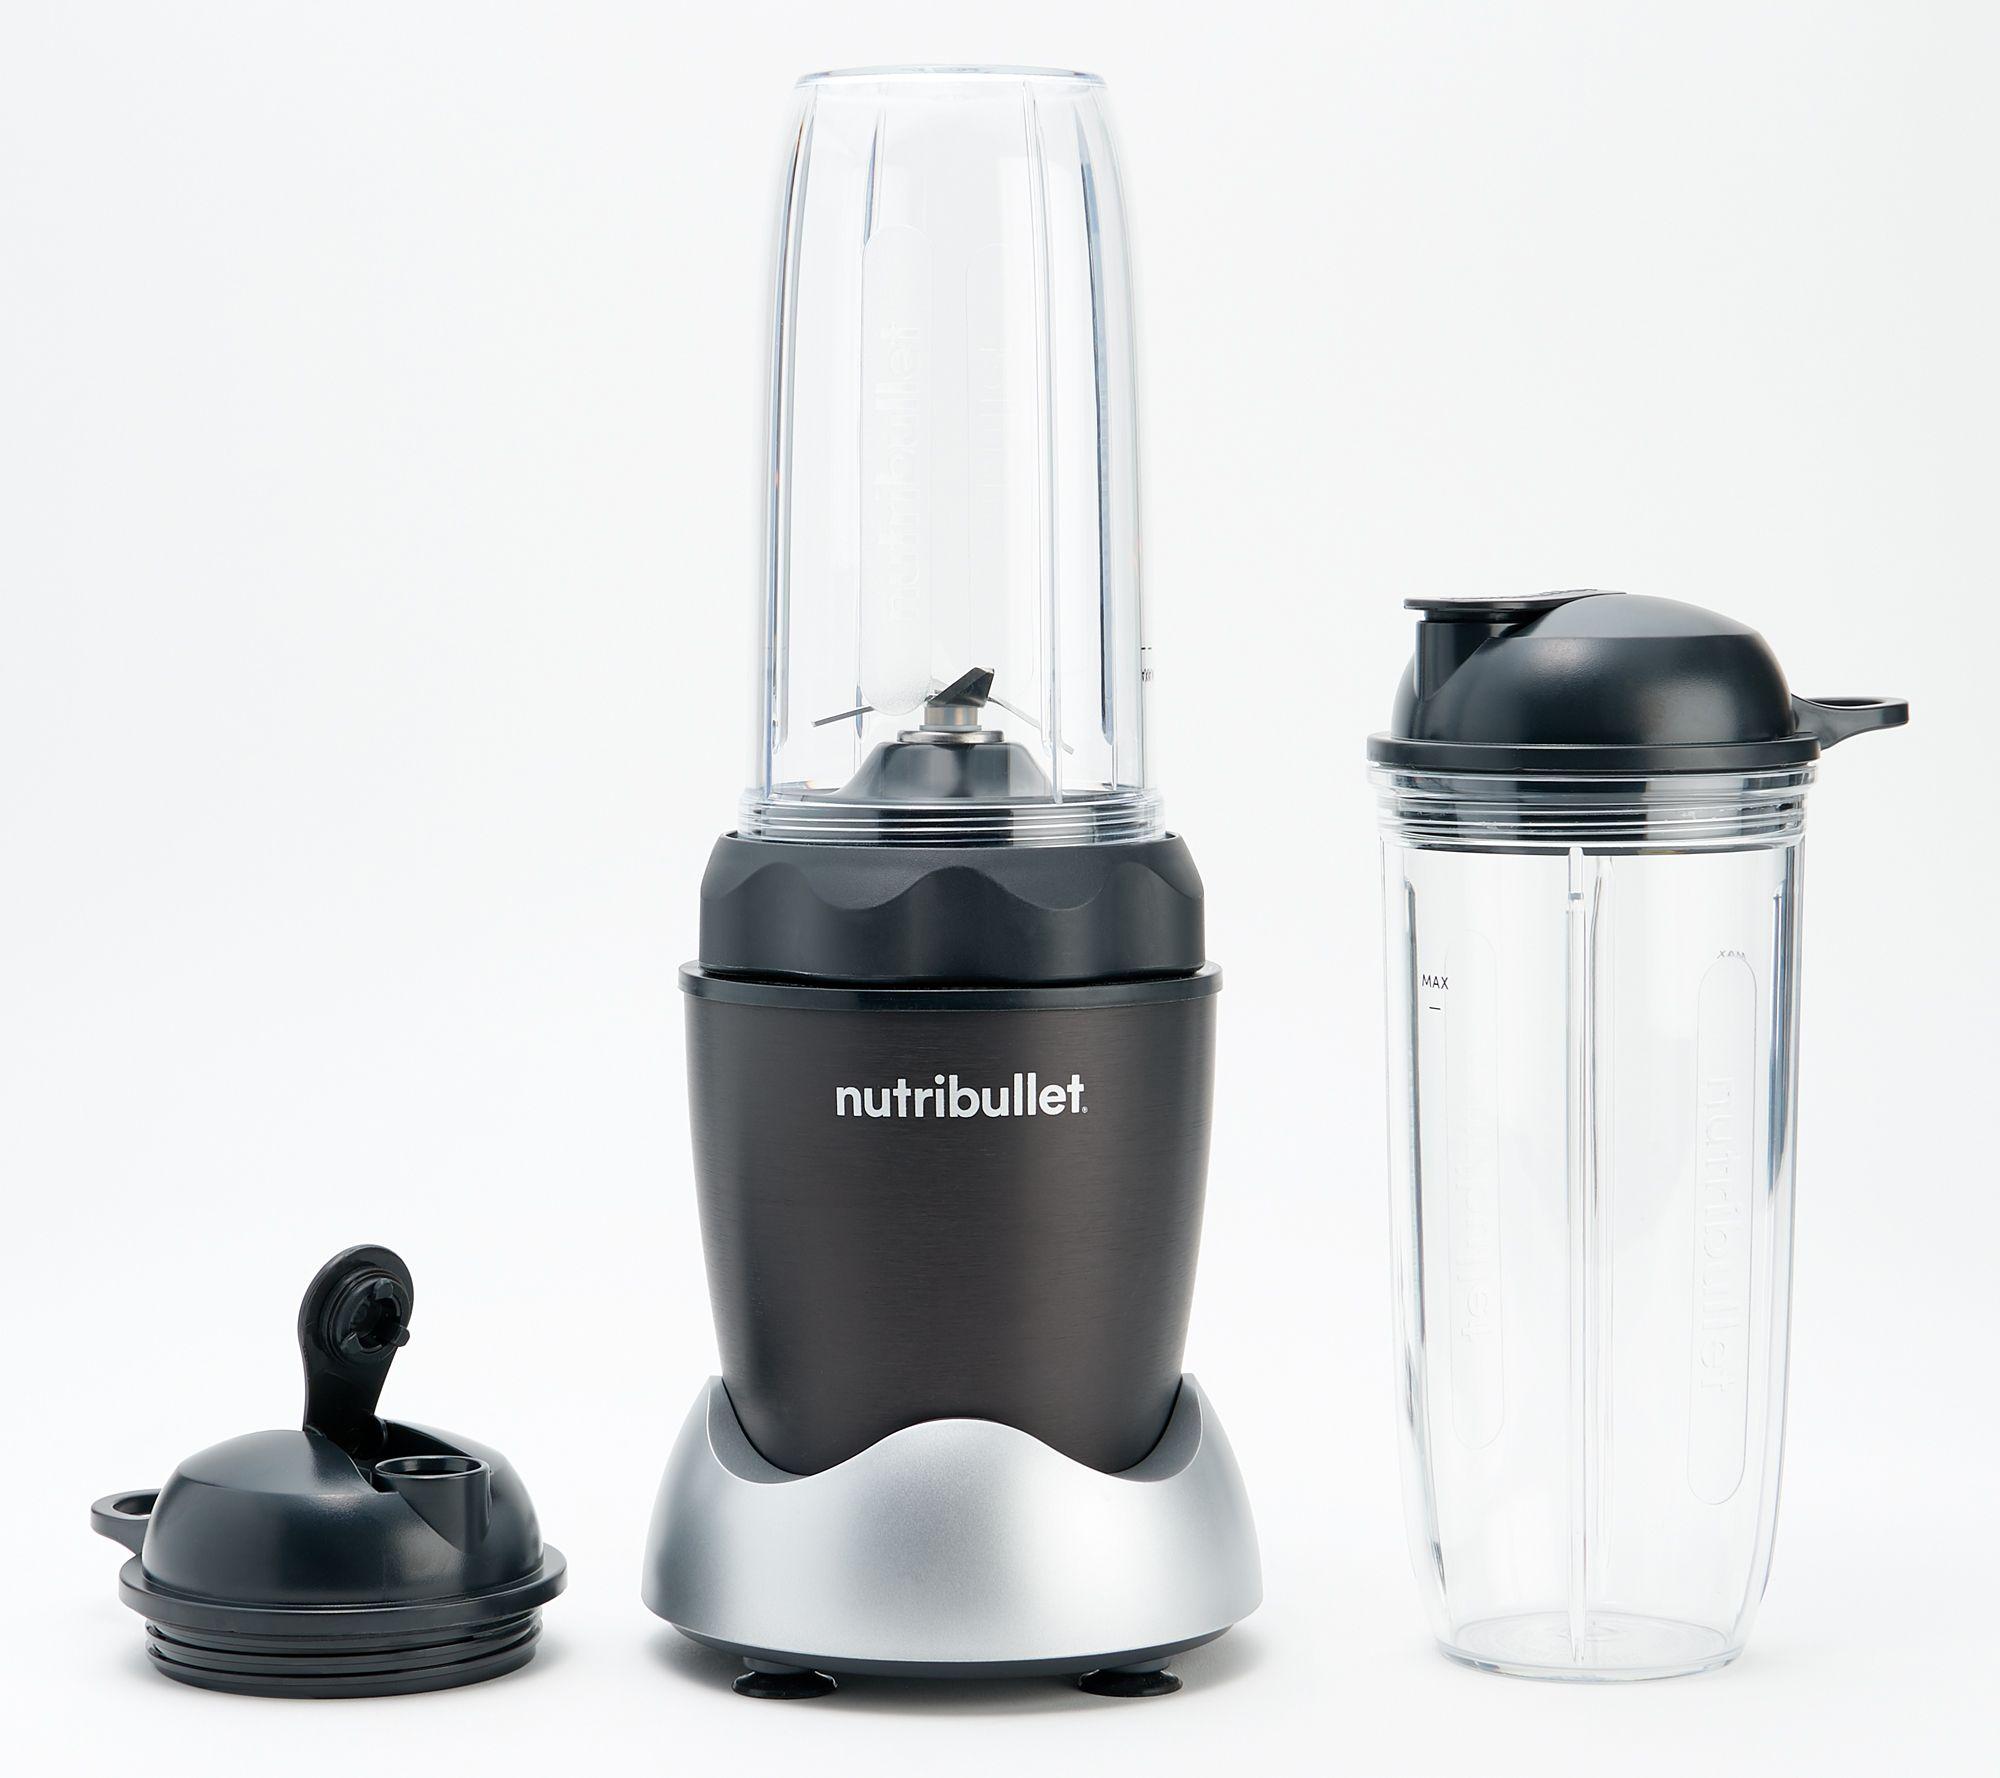 Nutribullet Pro 1000 Series High Speed Blender Qvc Com